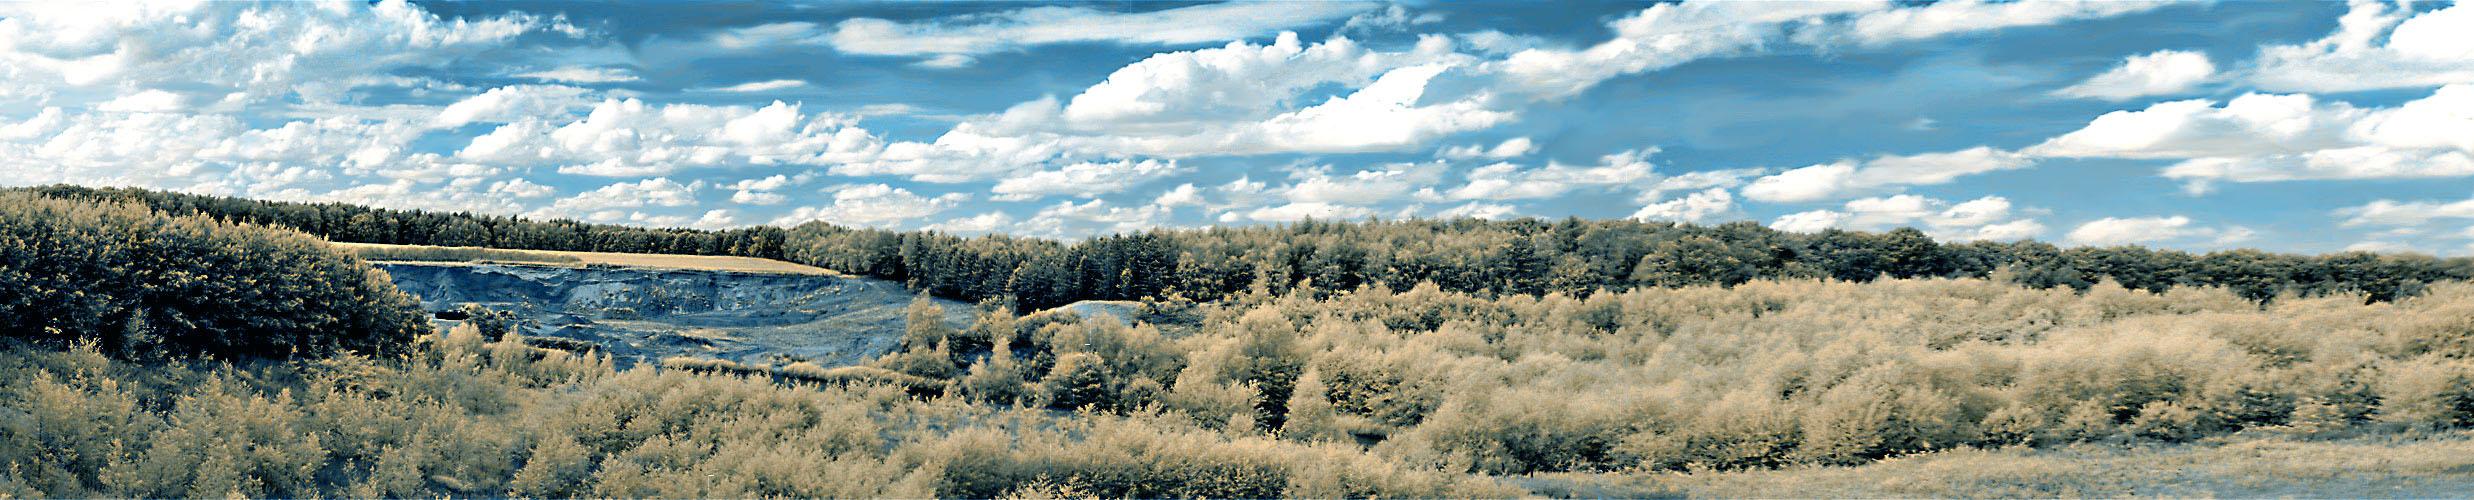 IRres Panorama: Kiesgrube in den Dammer Bergen.